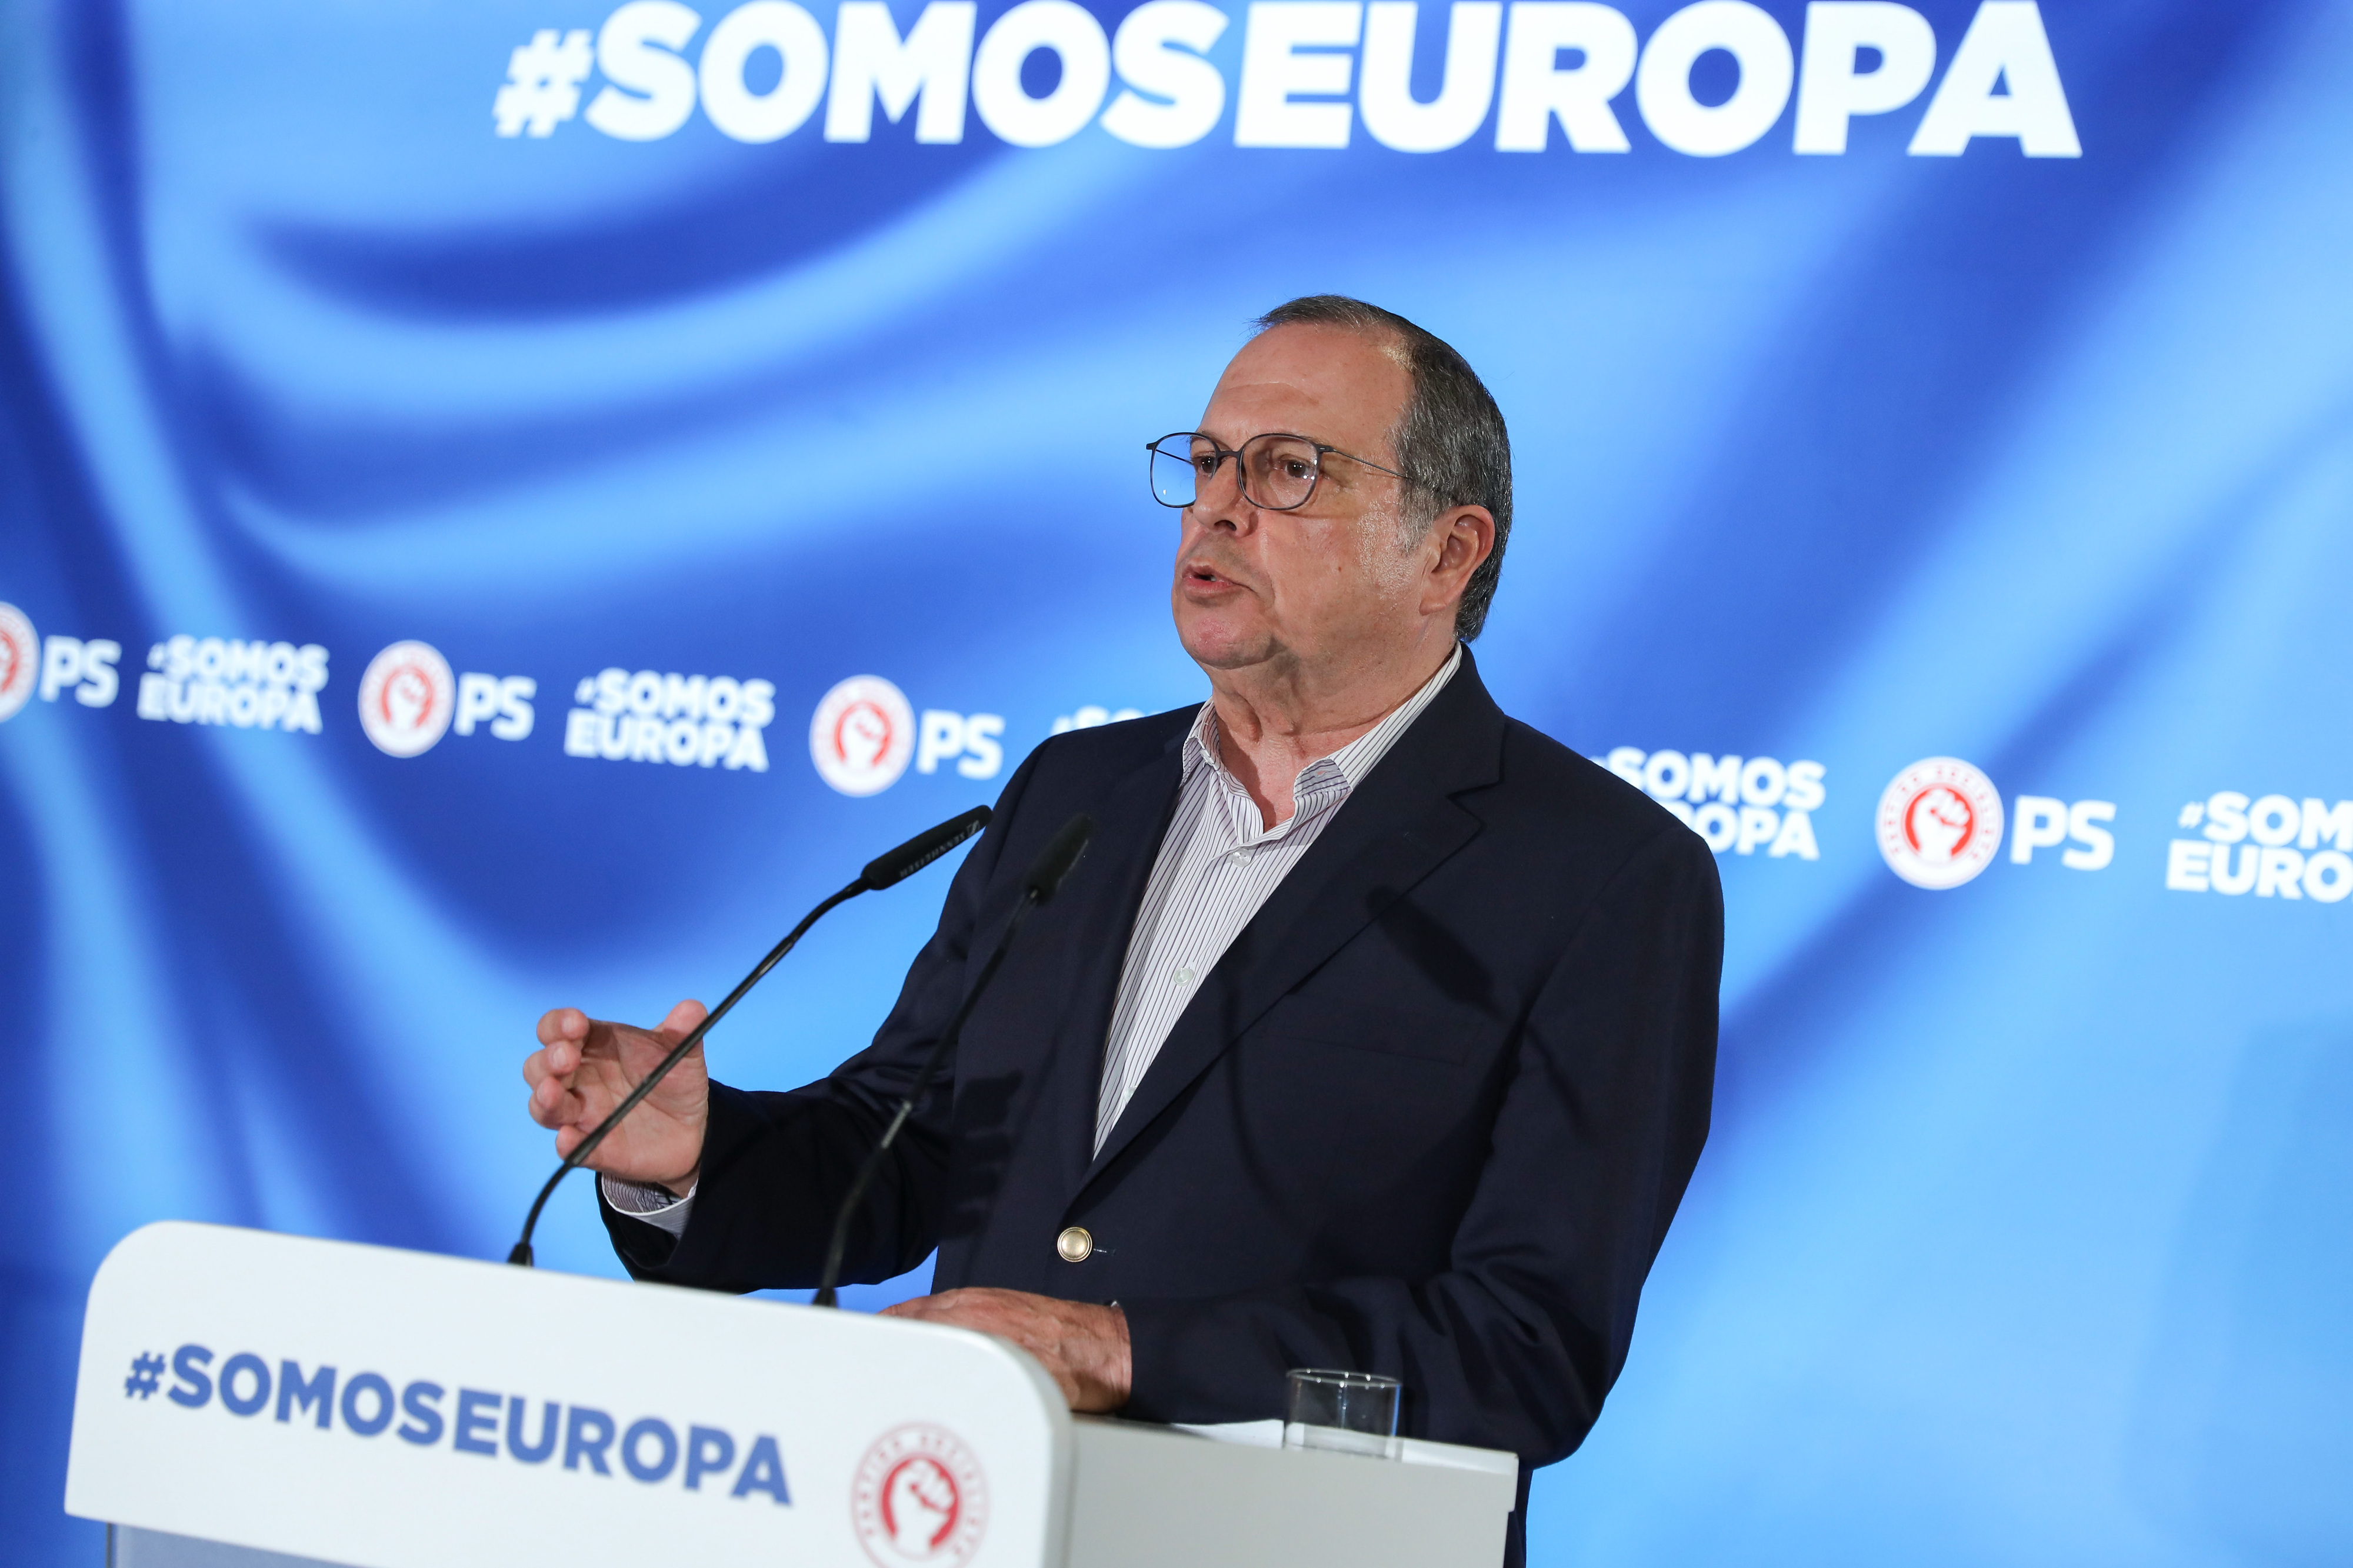 """PS com mais """"entusiasmo"""" e """"energia"""" para nova vitória nas legislativas, diz Carlos César"""